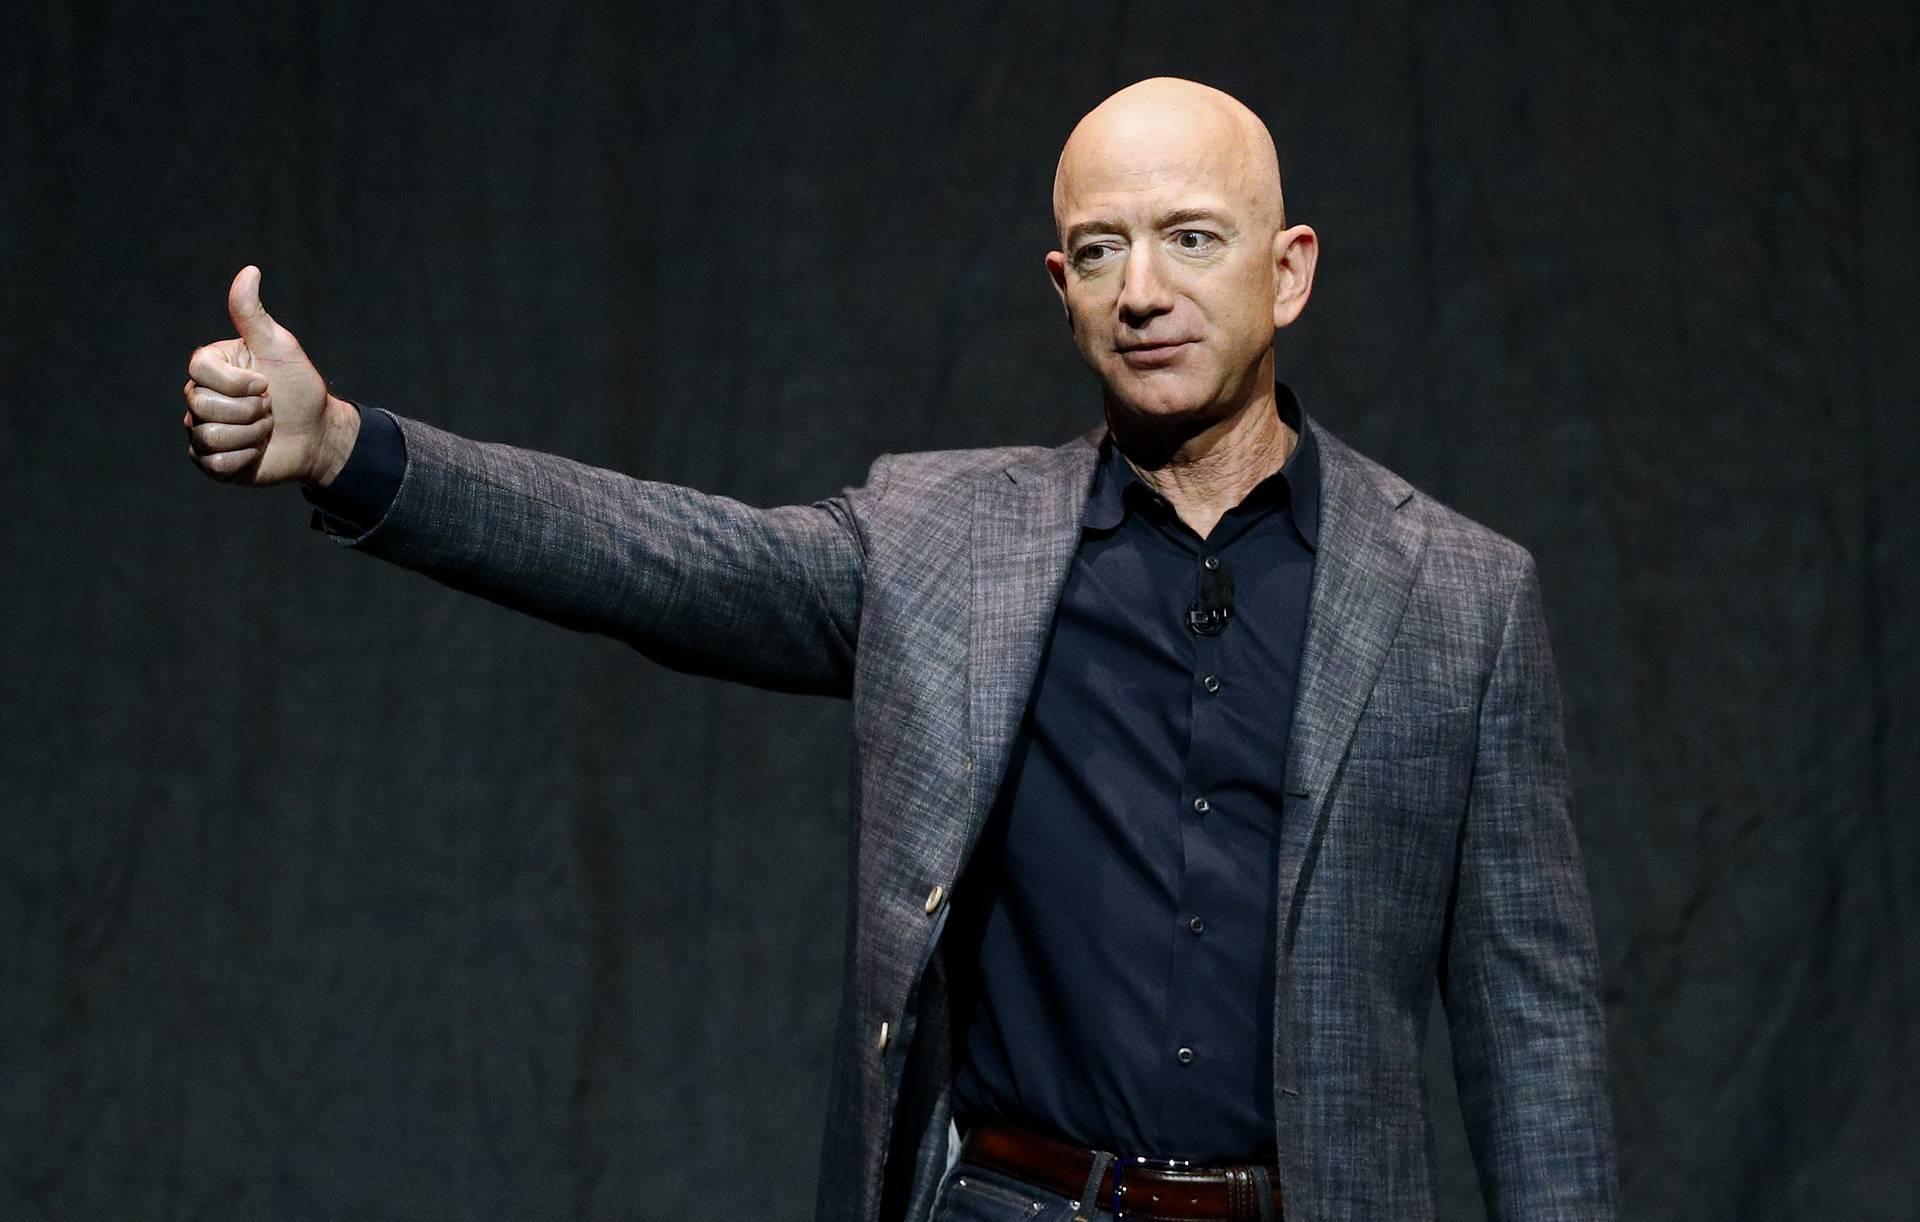 Tài sản của tỷ phú Jeff Bezos đạt mức cao nhất mọi thời đại